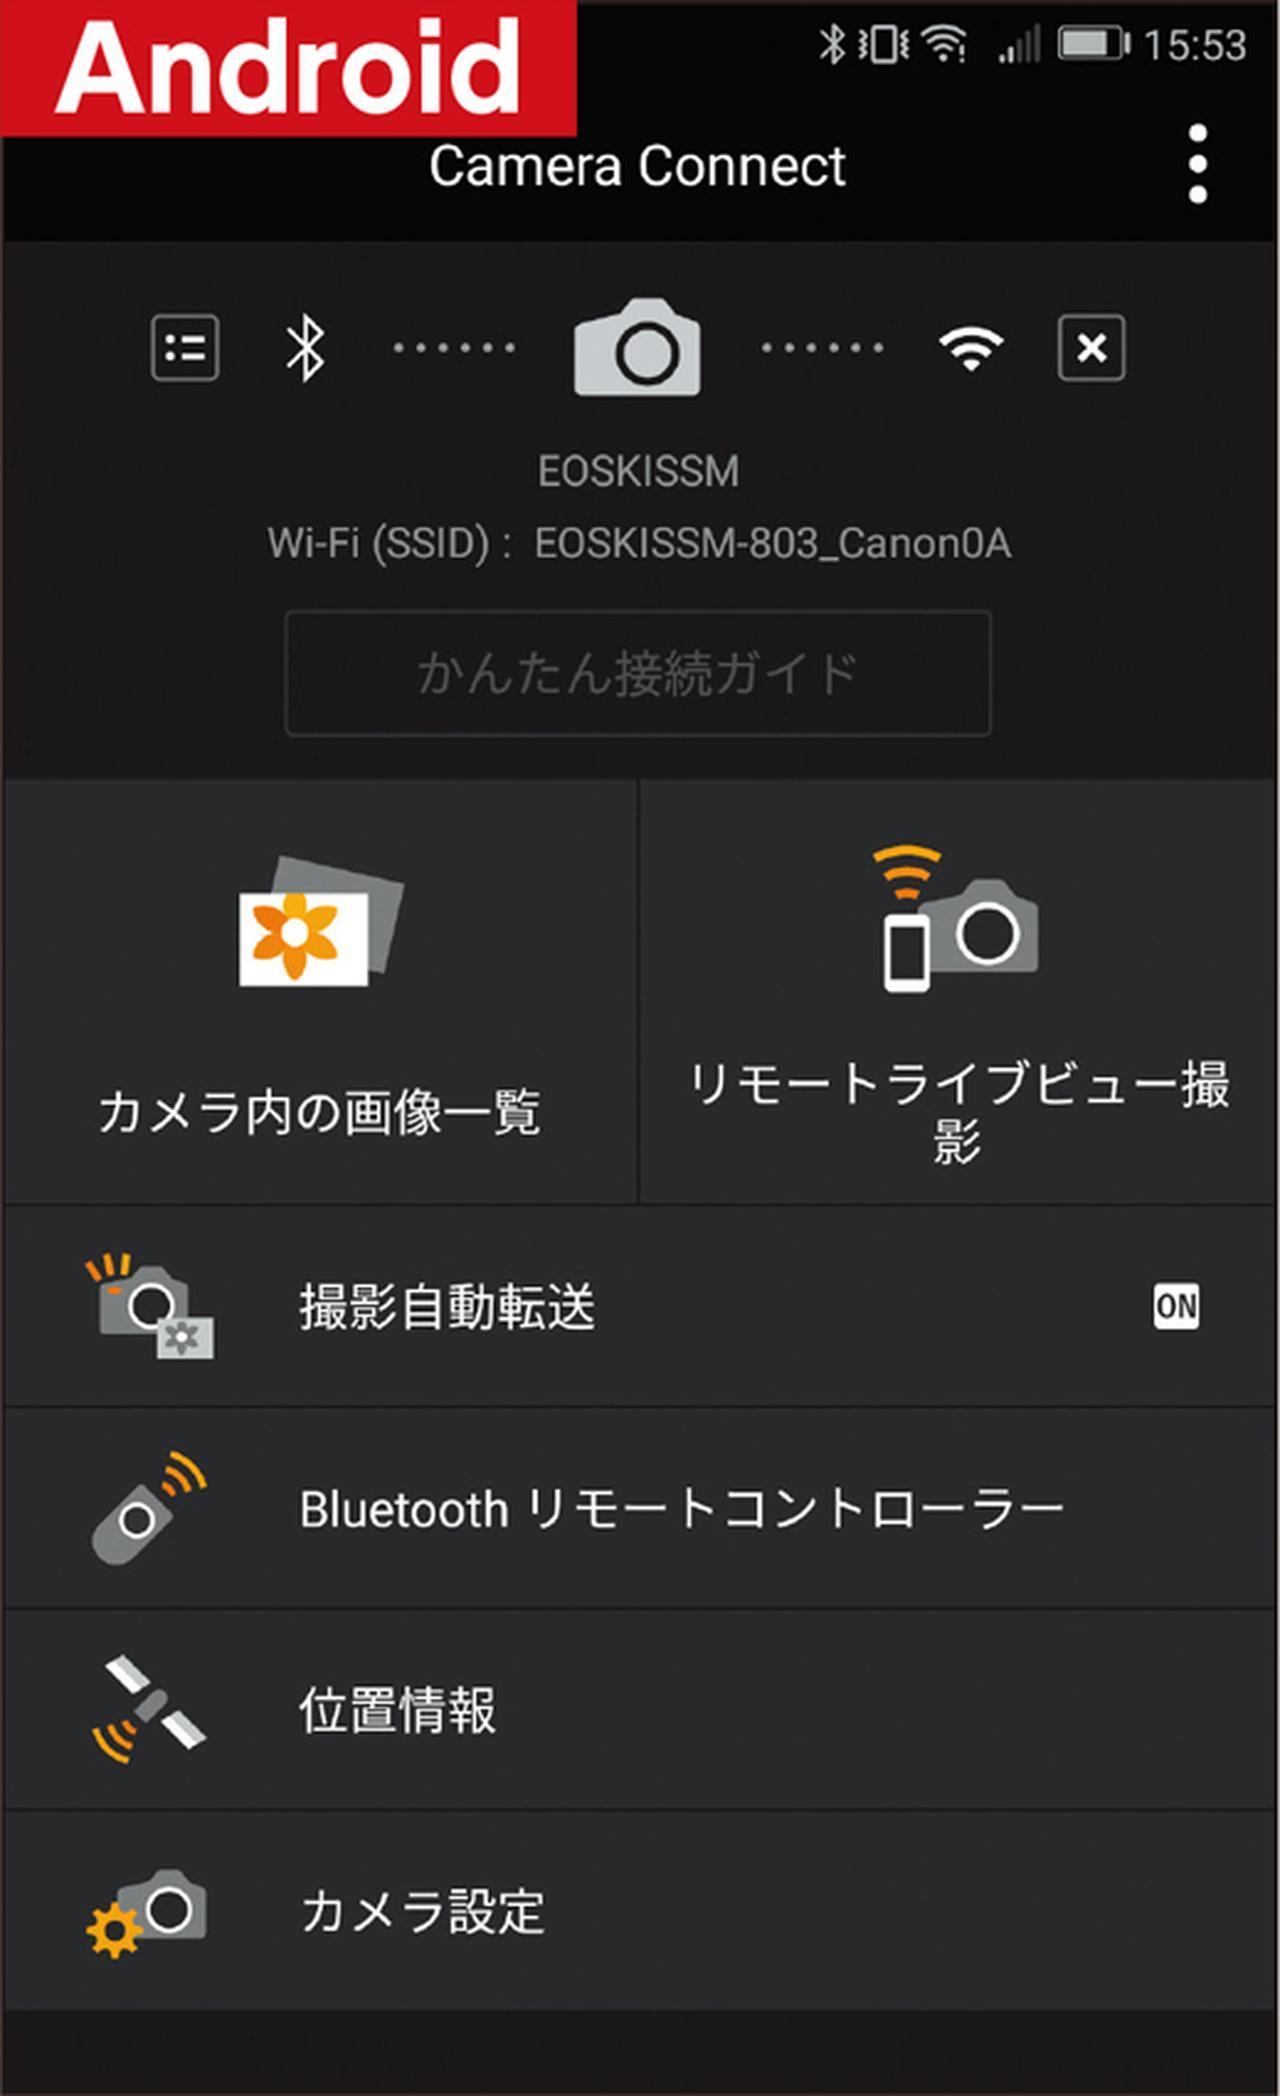 画像: キヤノンのスマホ用アプリ「Remote Connect」。同社のデジタル一眼やコンパクトデジカメとスマホを連係させることができる。